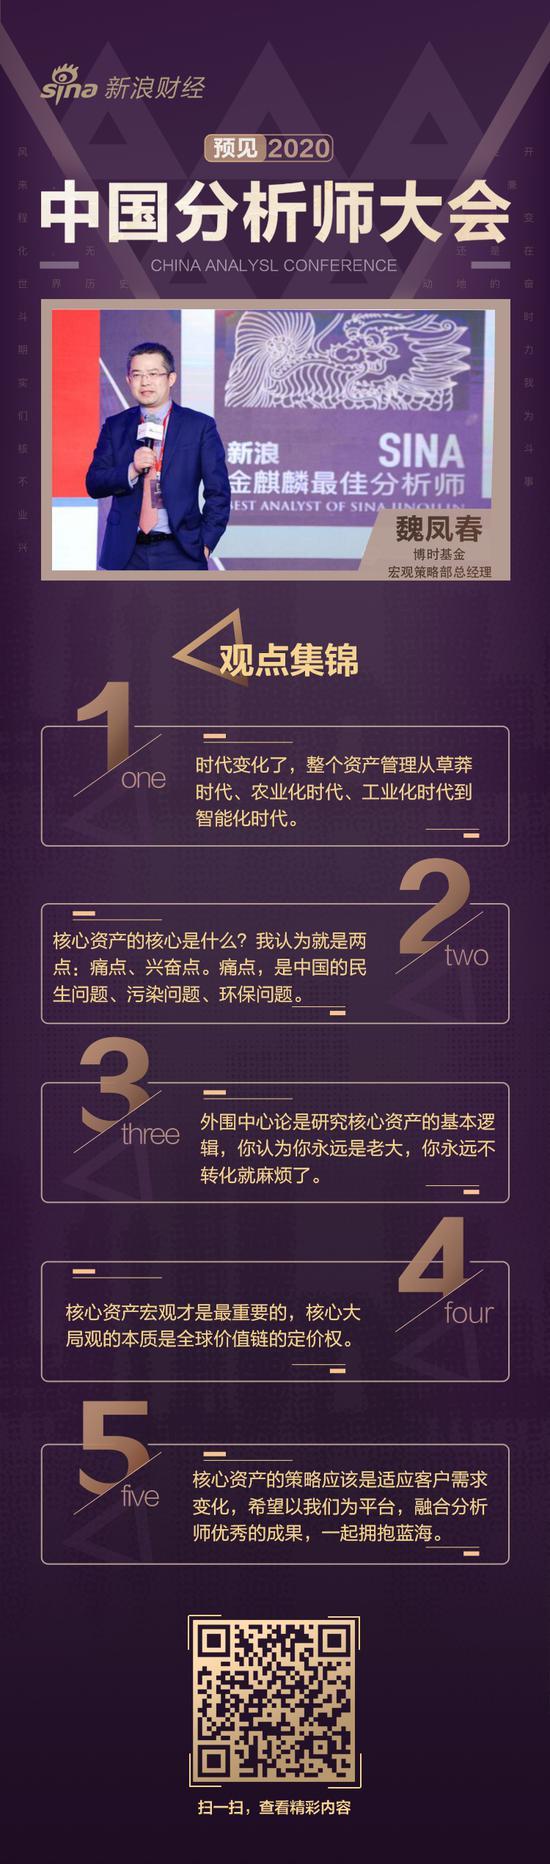 金沙信誉投注官网,前TVB花旦徐子珊宣布退出娱乐圈 称不想再带假面具而活